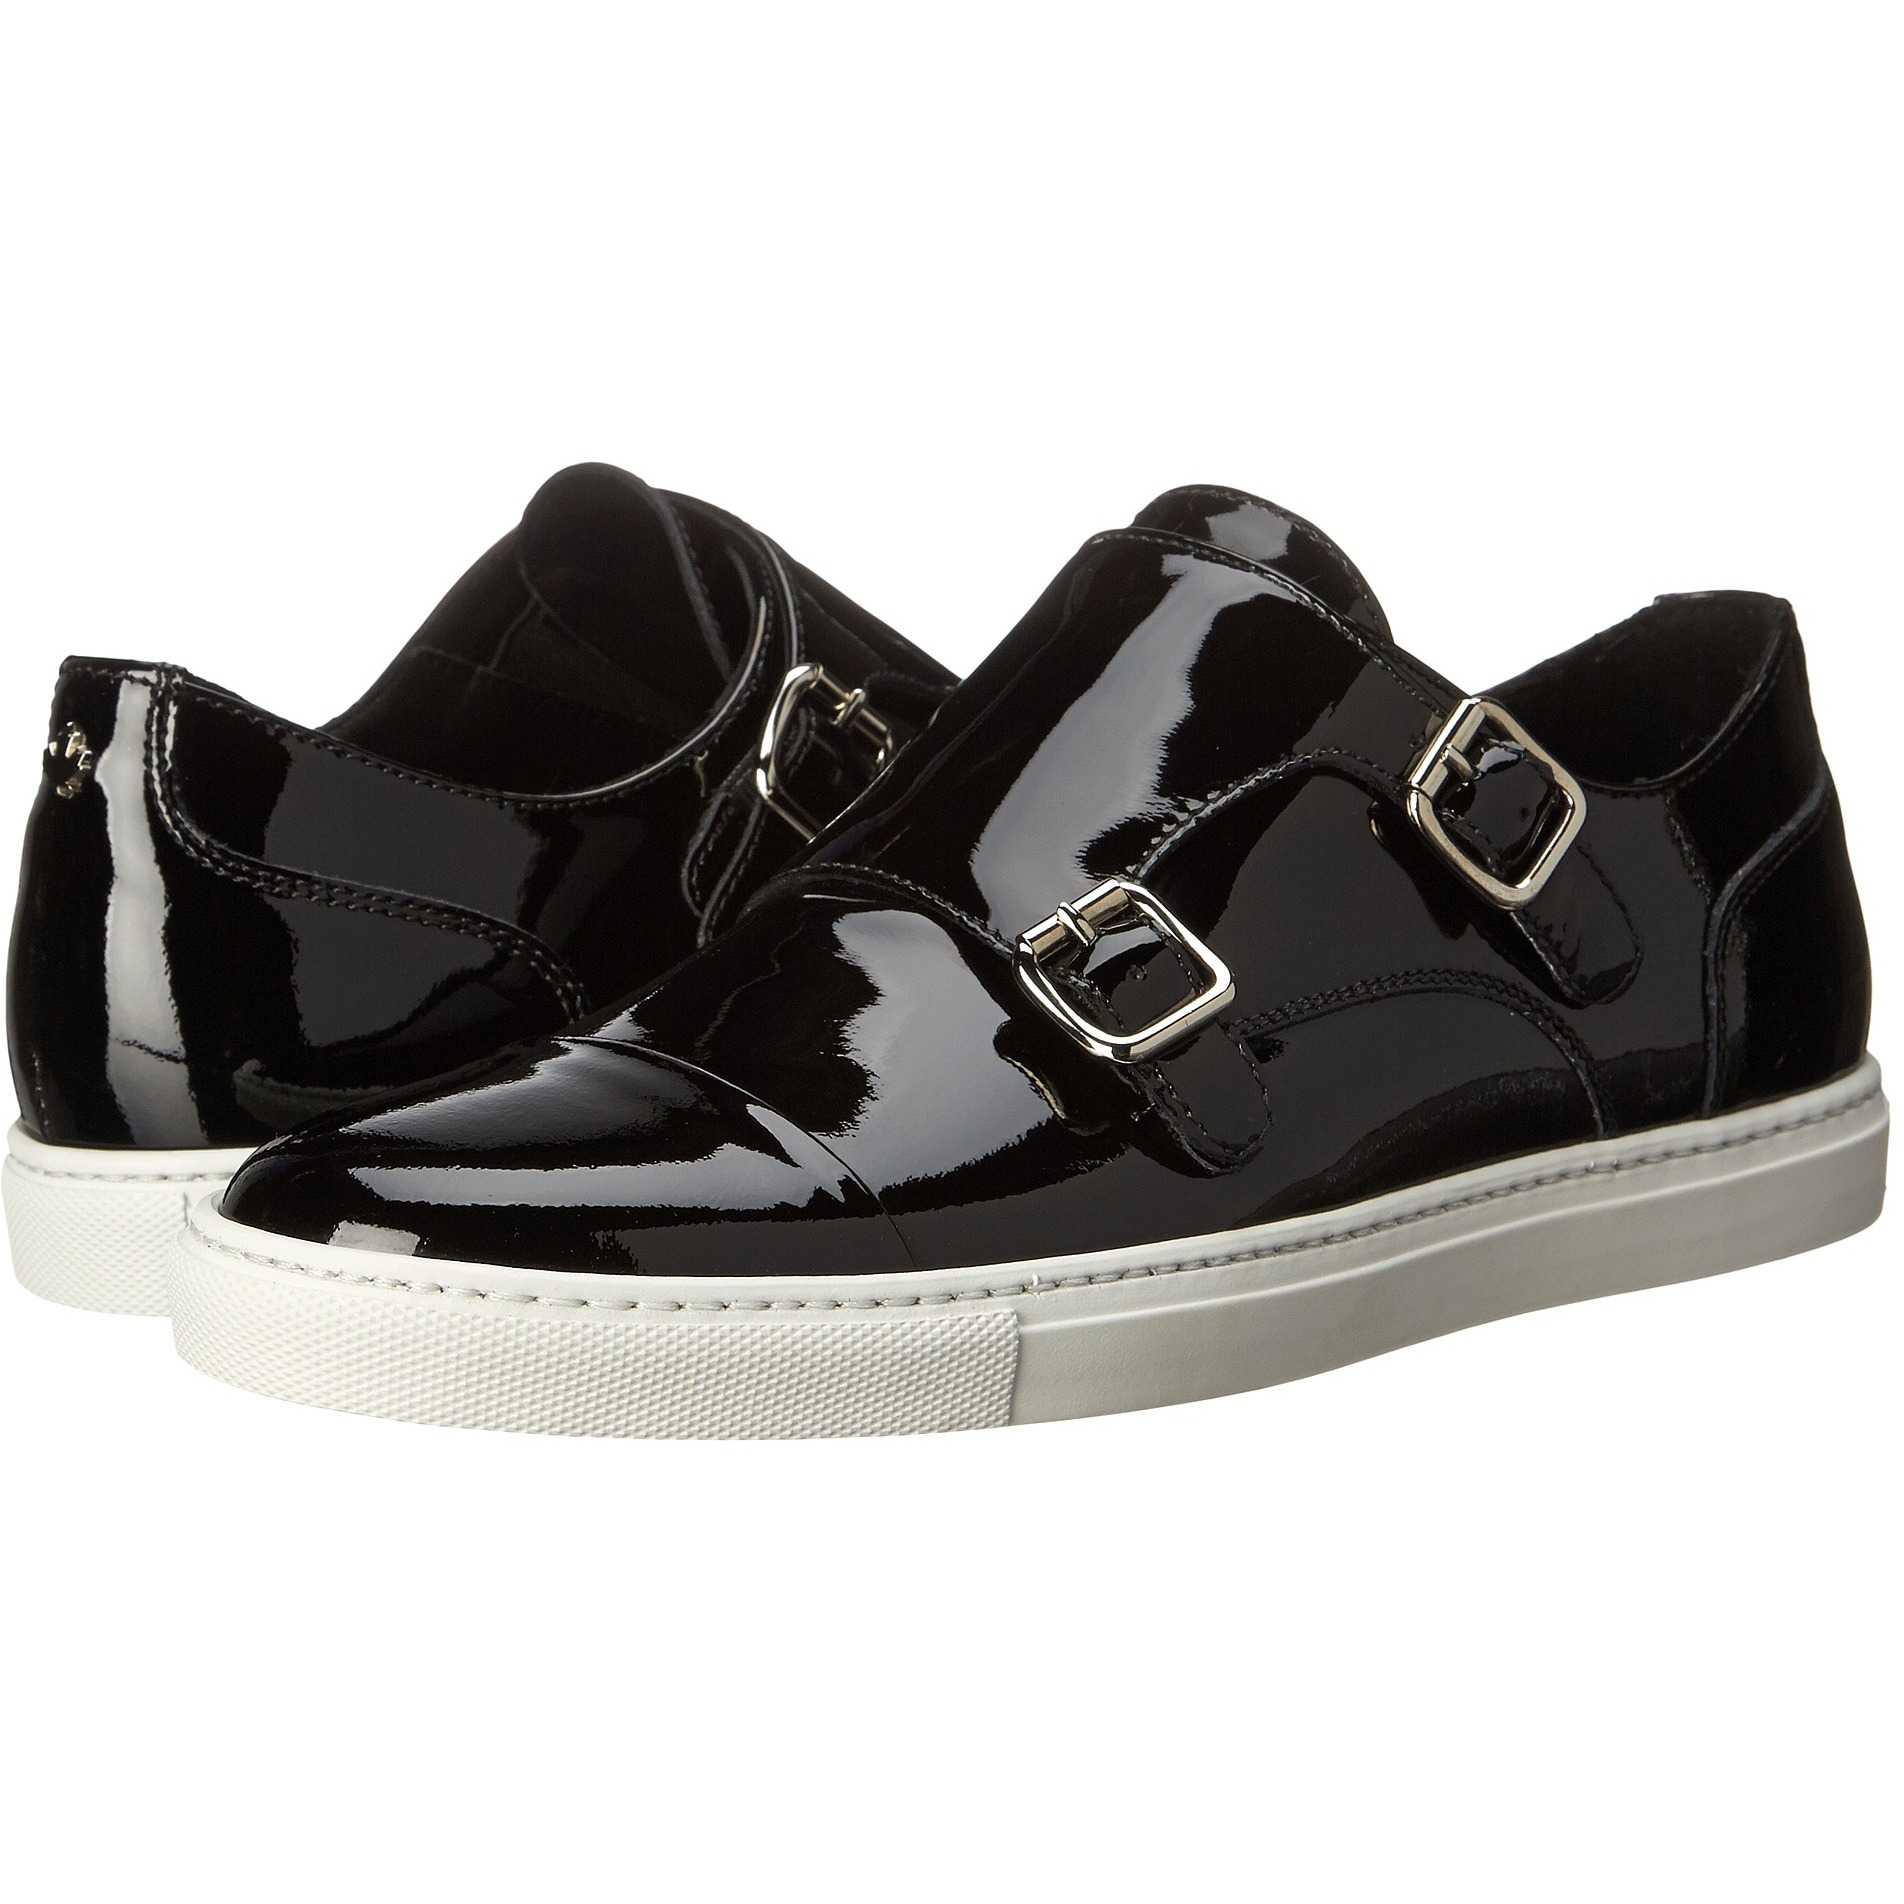 DSQUARED2 Sneaker Vernice Nero pentru dama